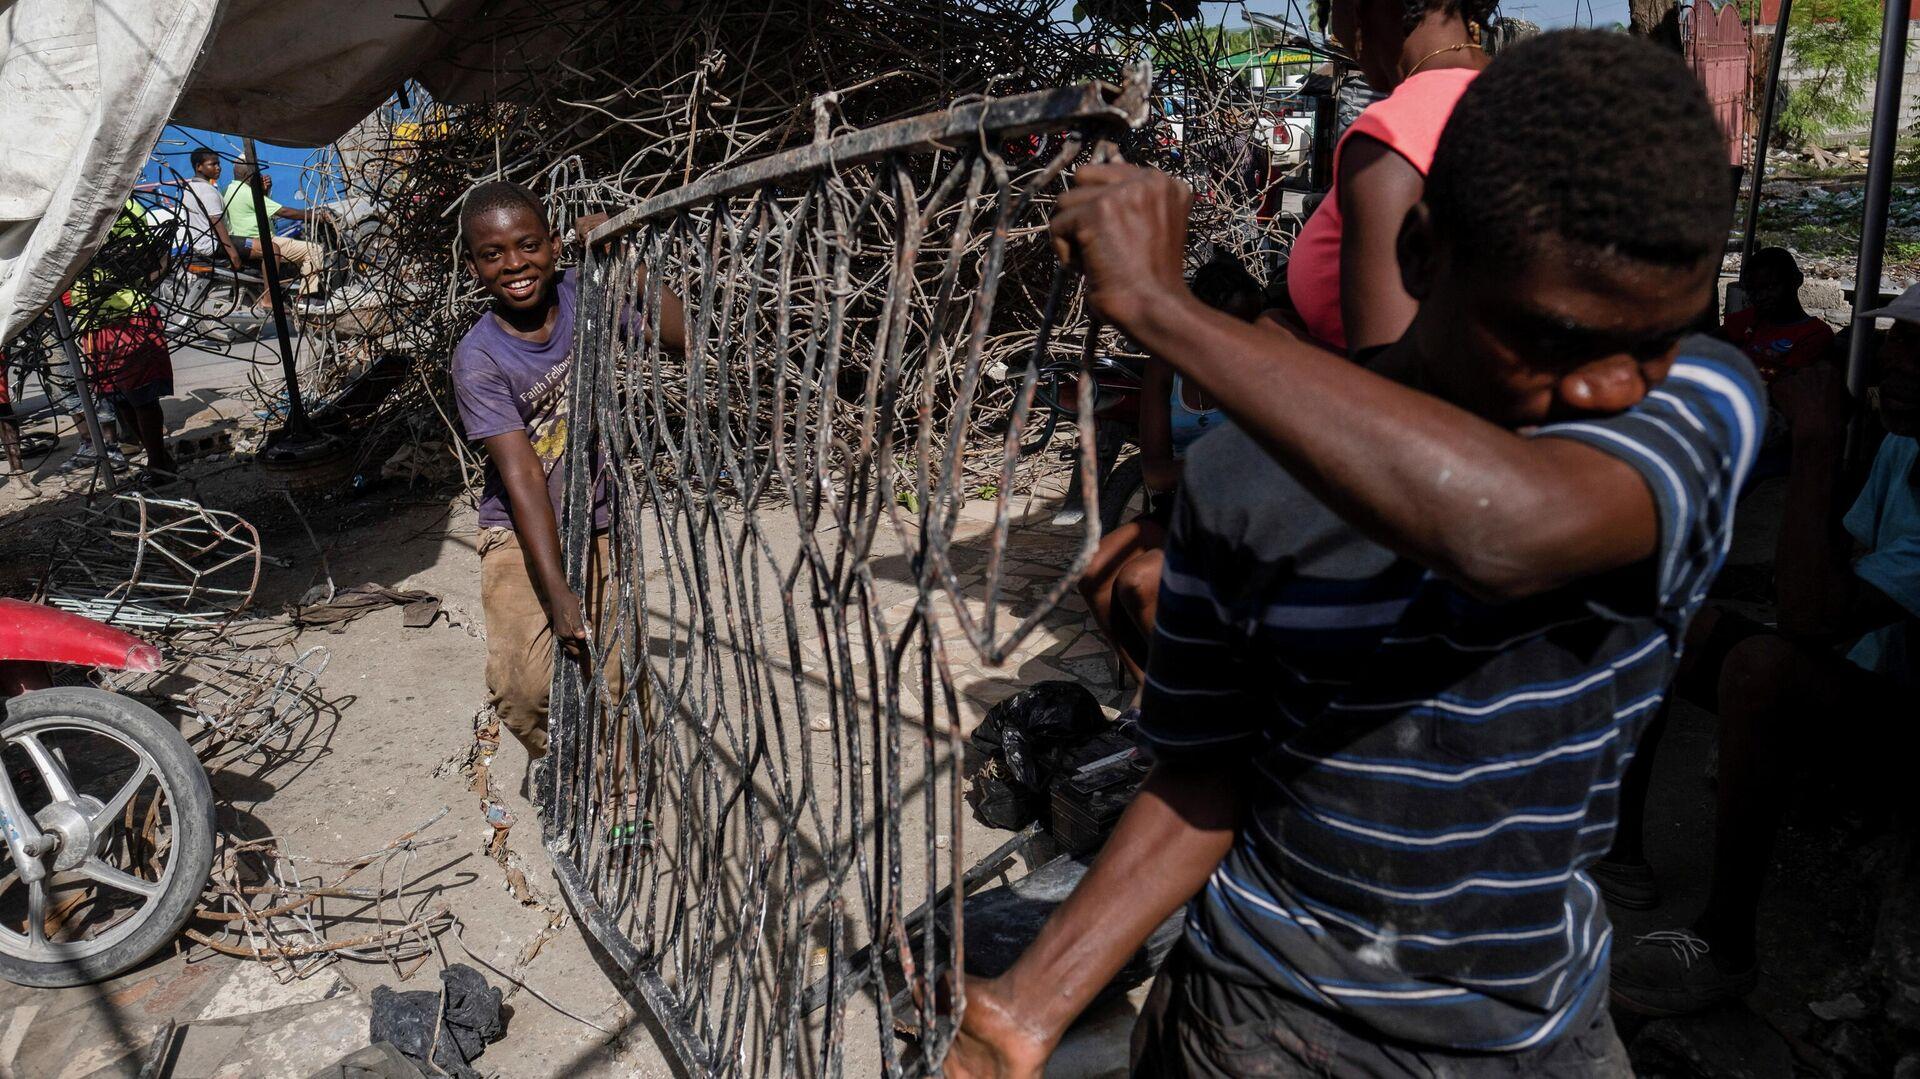 Consecuencias del terremoto en Haití - Sputnik Mundo, 1920, 28.08.2021